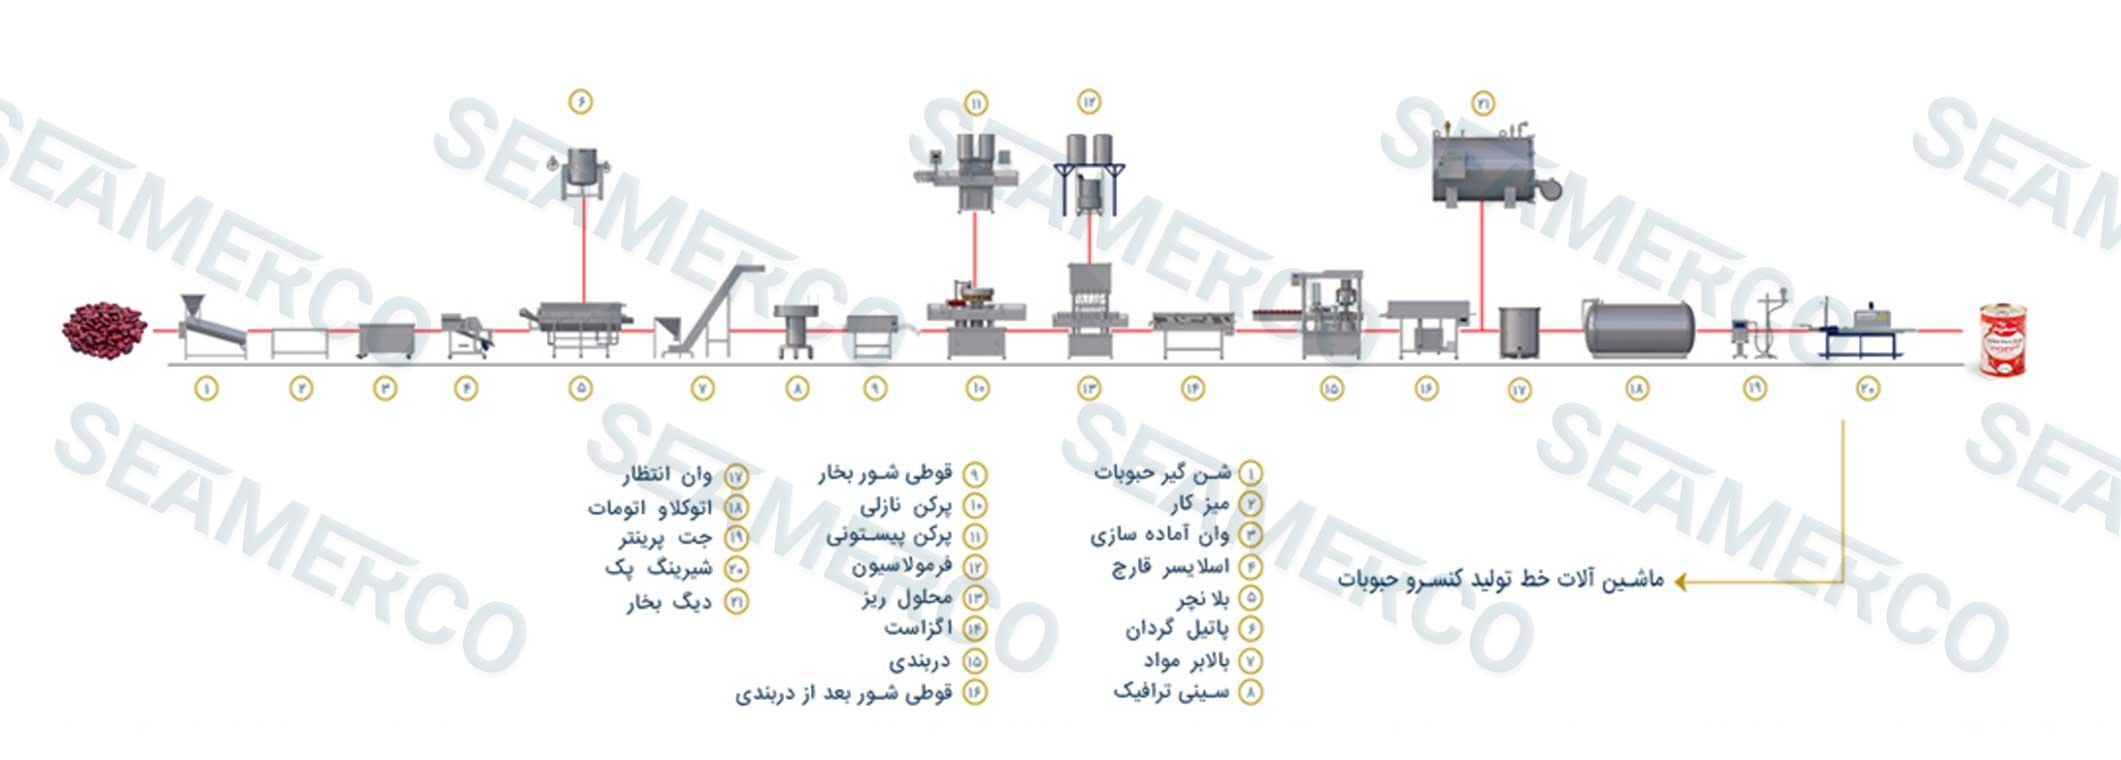 جانمایی ماشینآلات (لیوت)خط تولید کنسرو باقلا